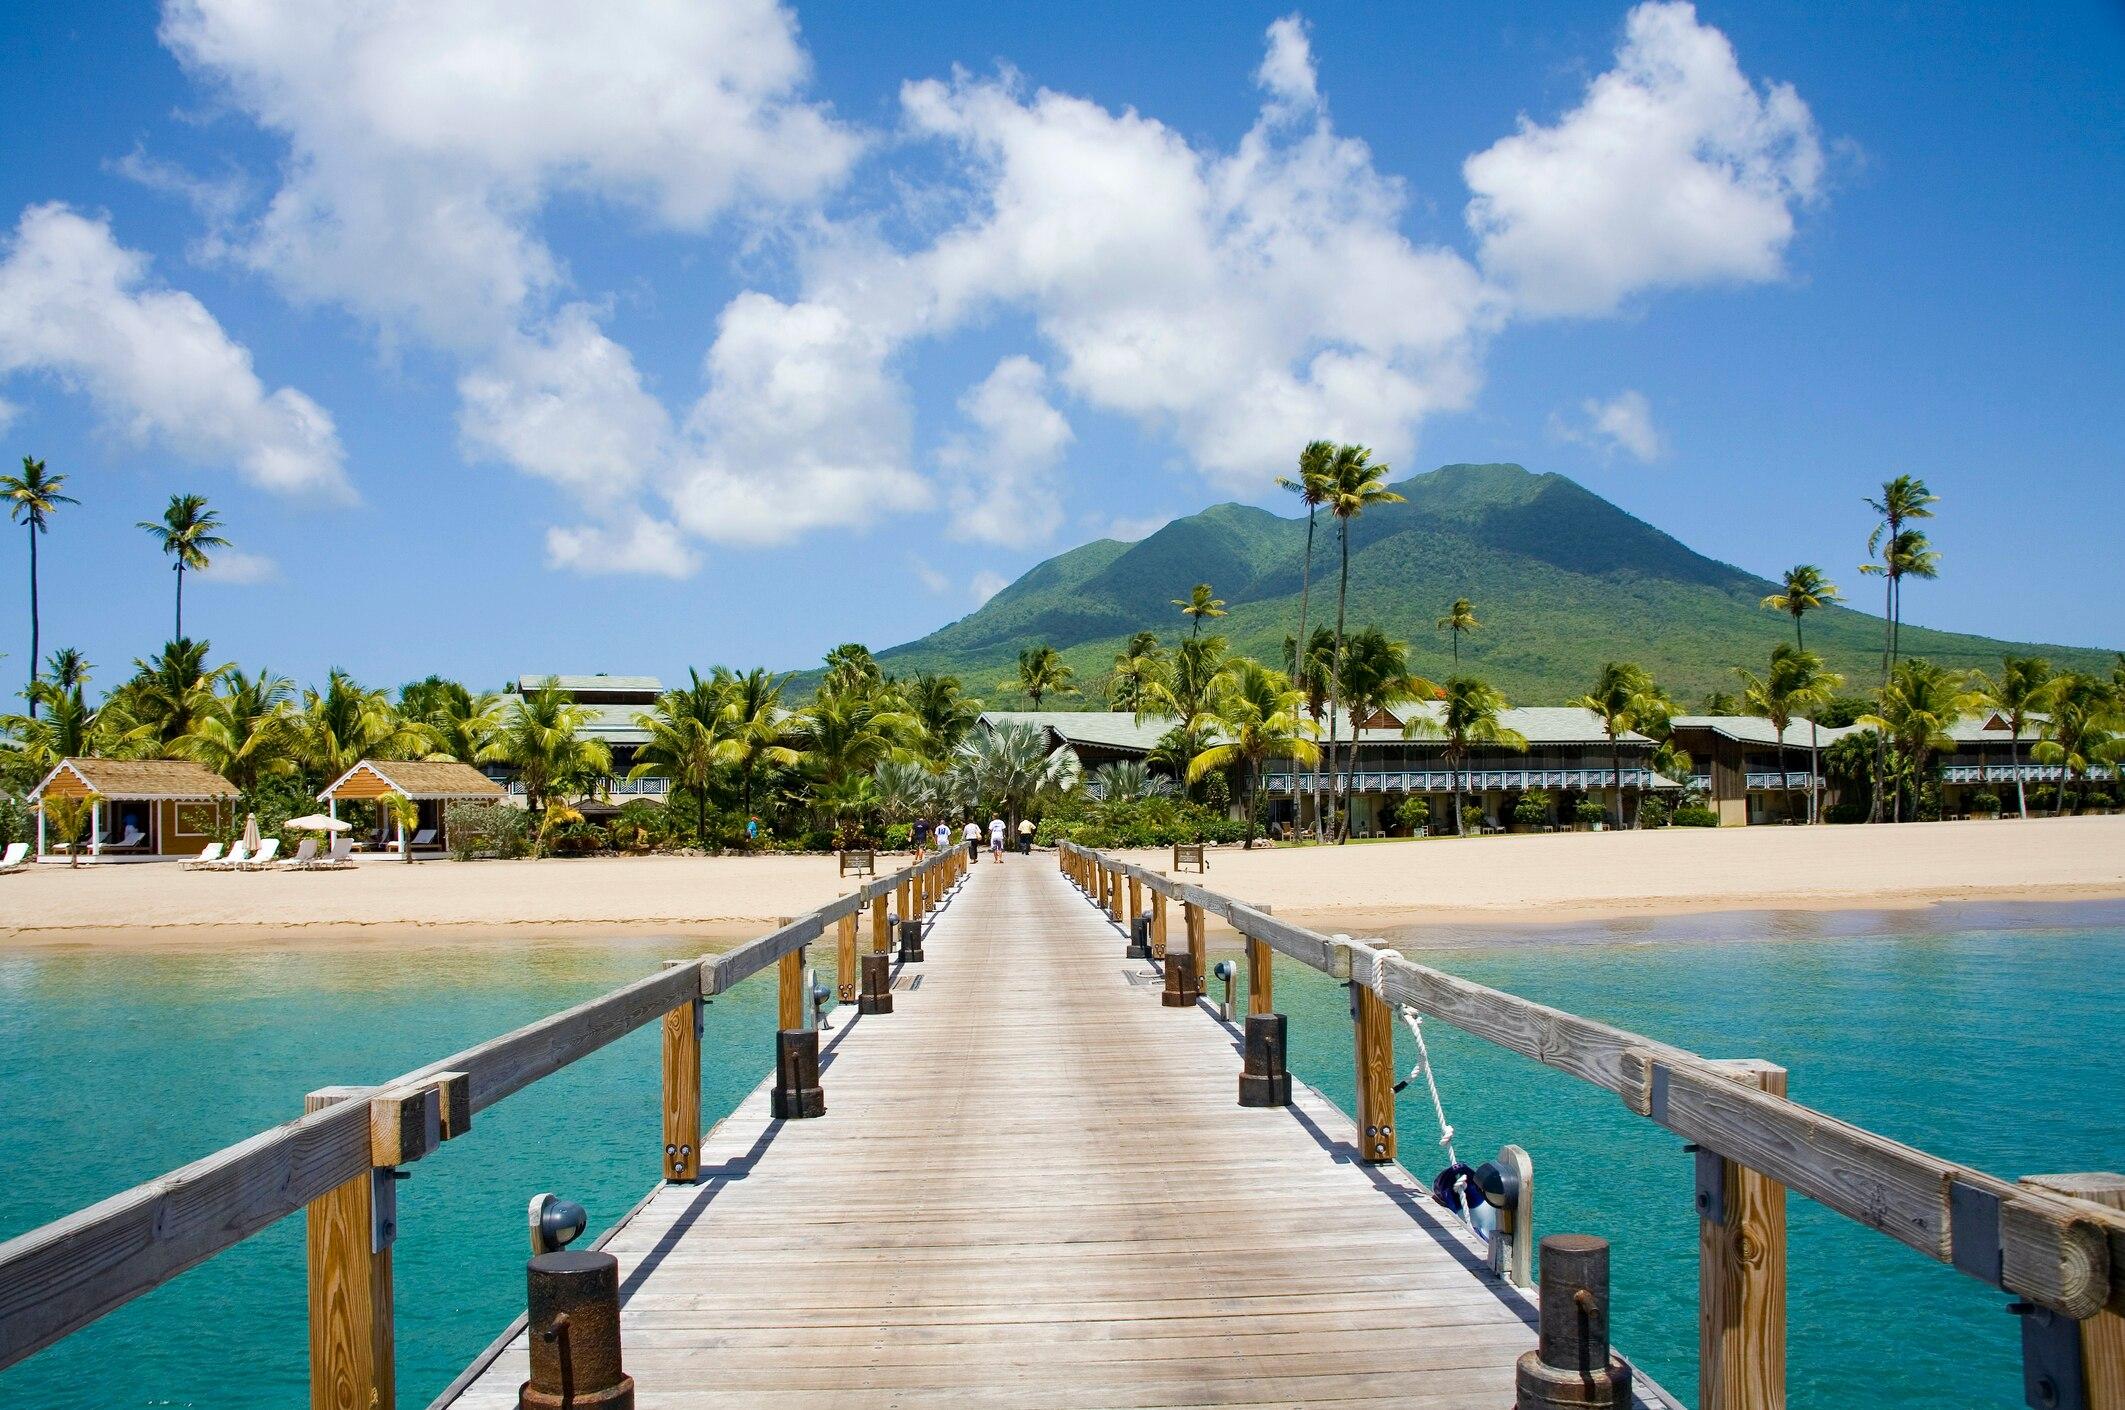 Wunderschön: der Pinney's Beach auf Nevis. Im Hintergrund zu sehen: der Vulkan Nevis Peak.